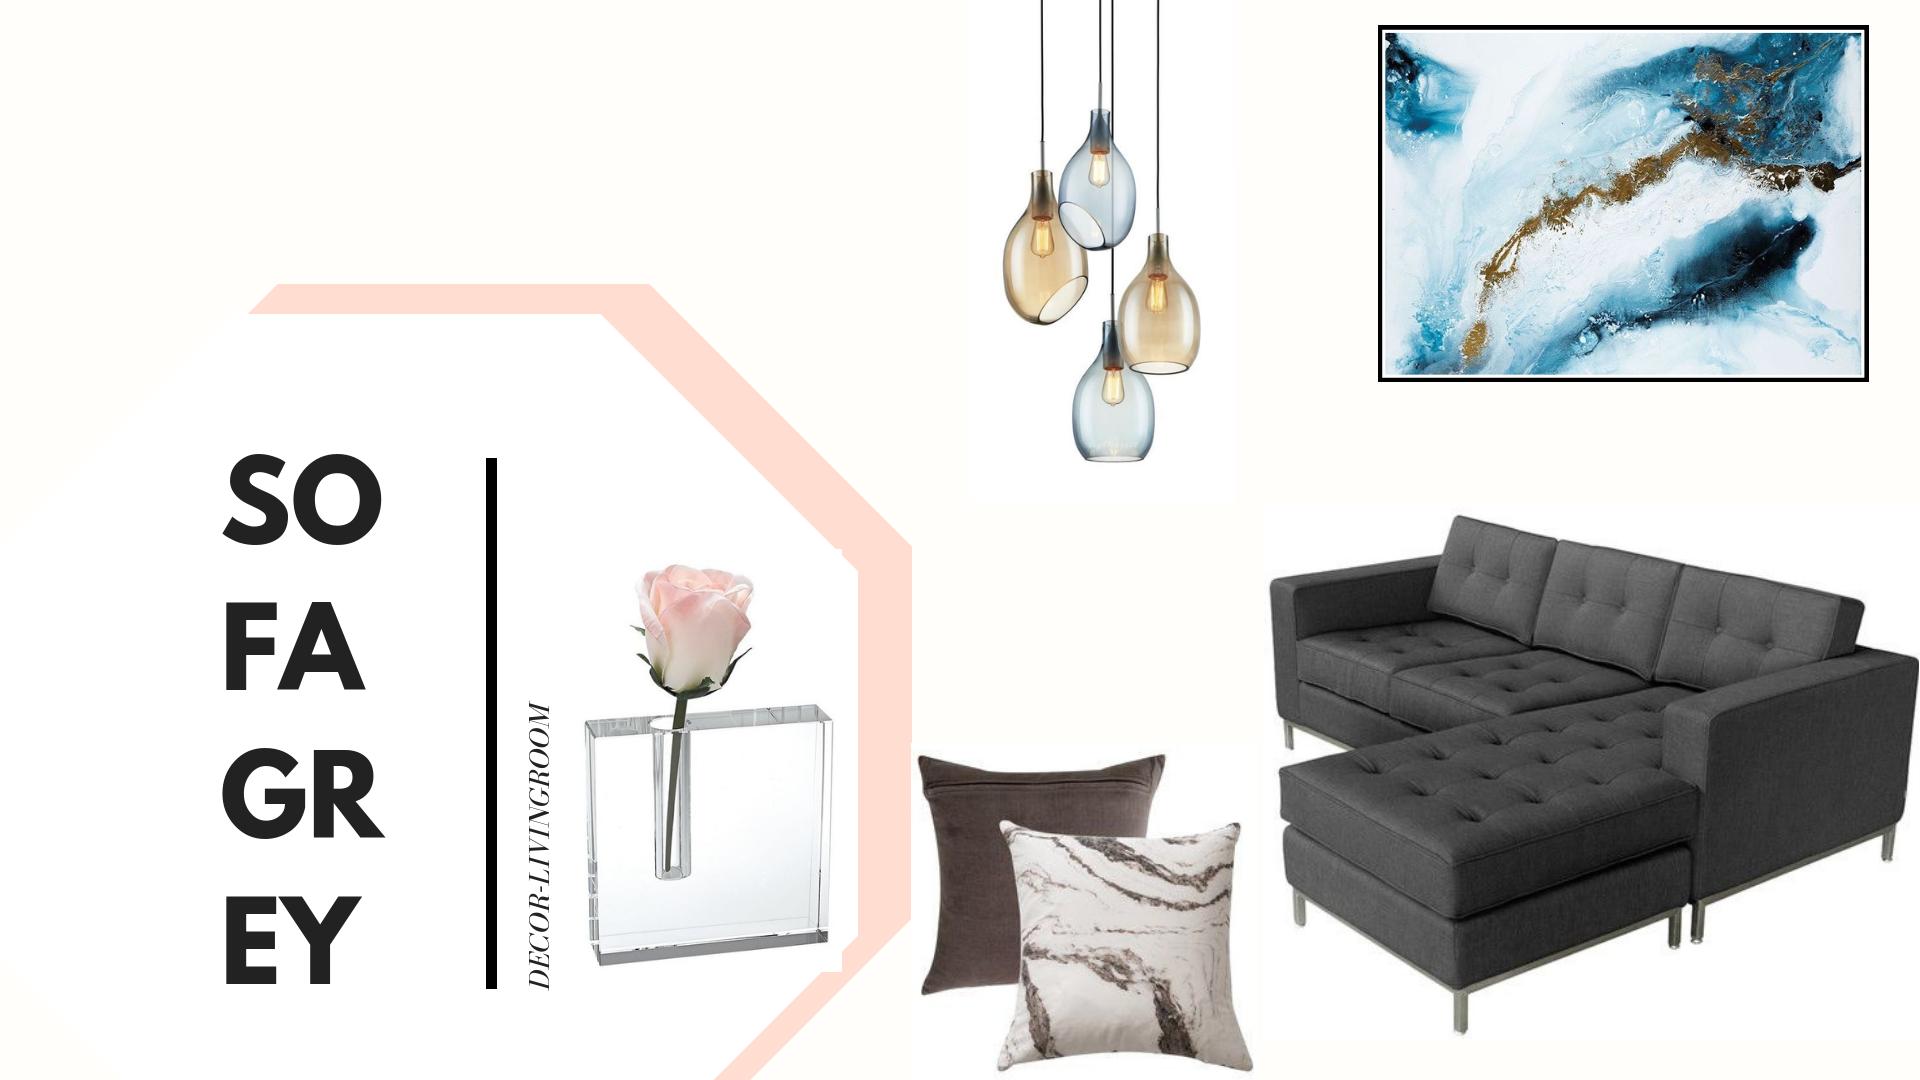 Γωνιακοί καναπέδες για το σαλόνι σας!